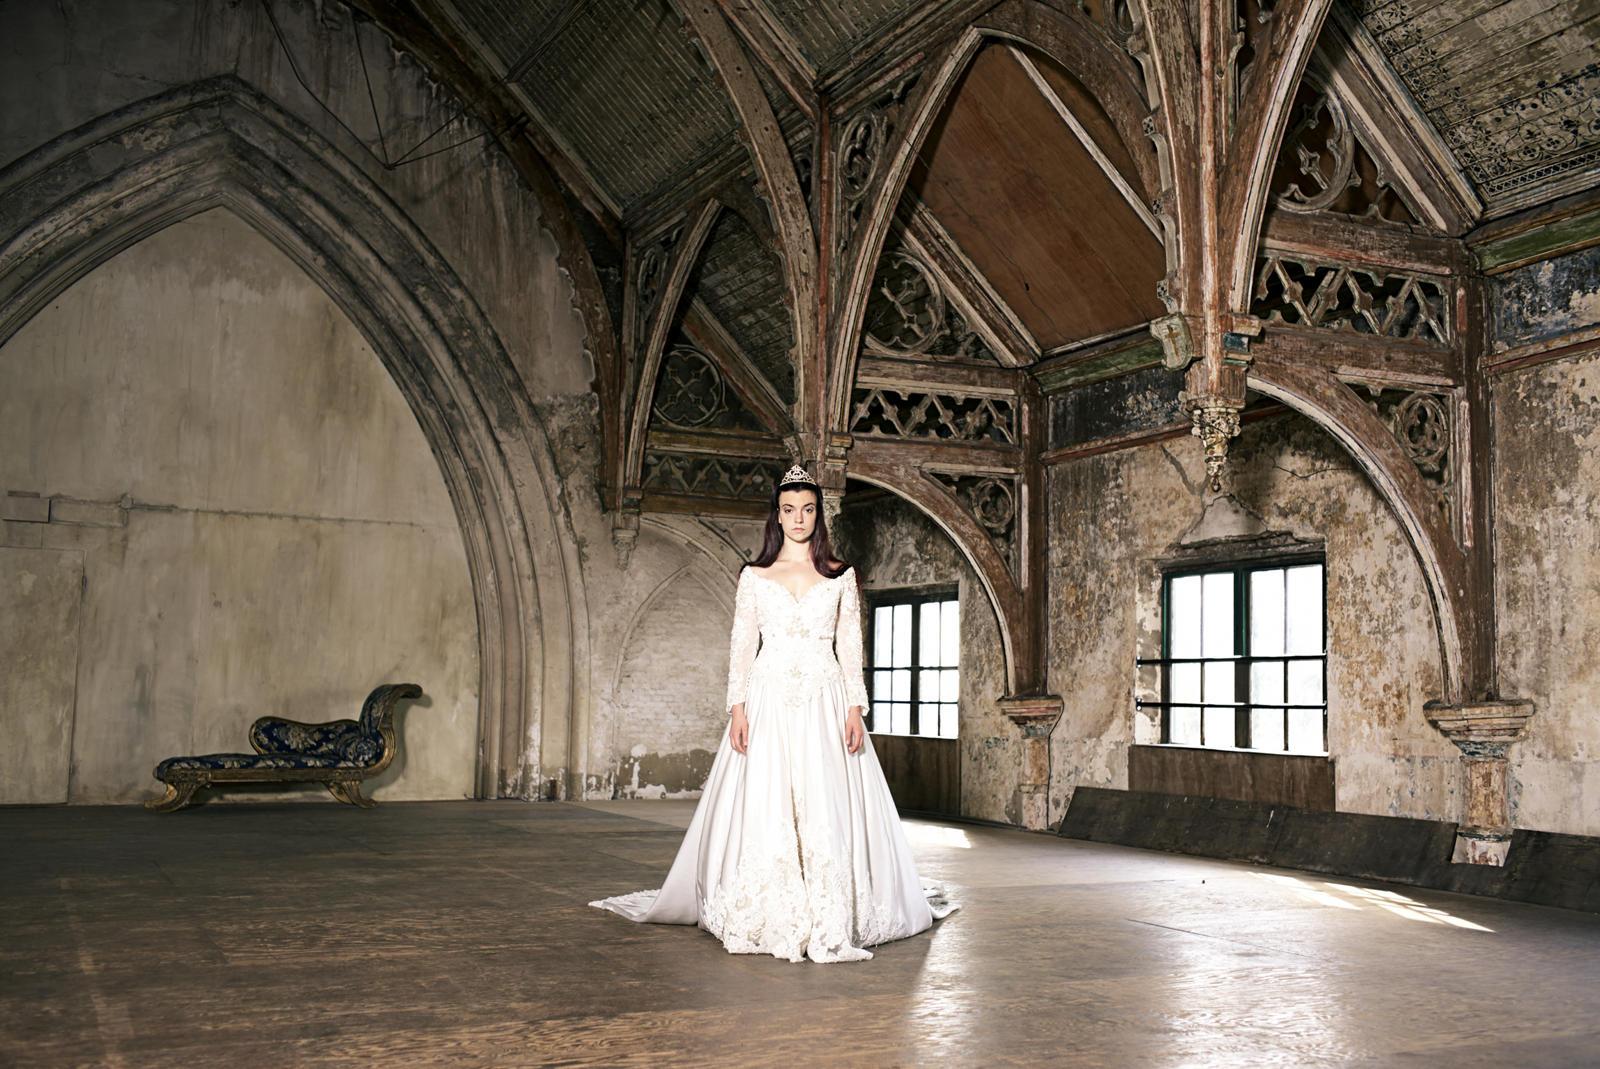 Foto van een vrouw met witte lange jurk in een kathedraal